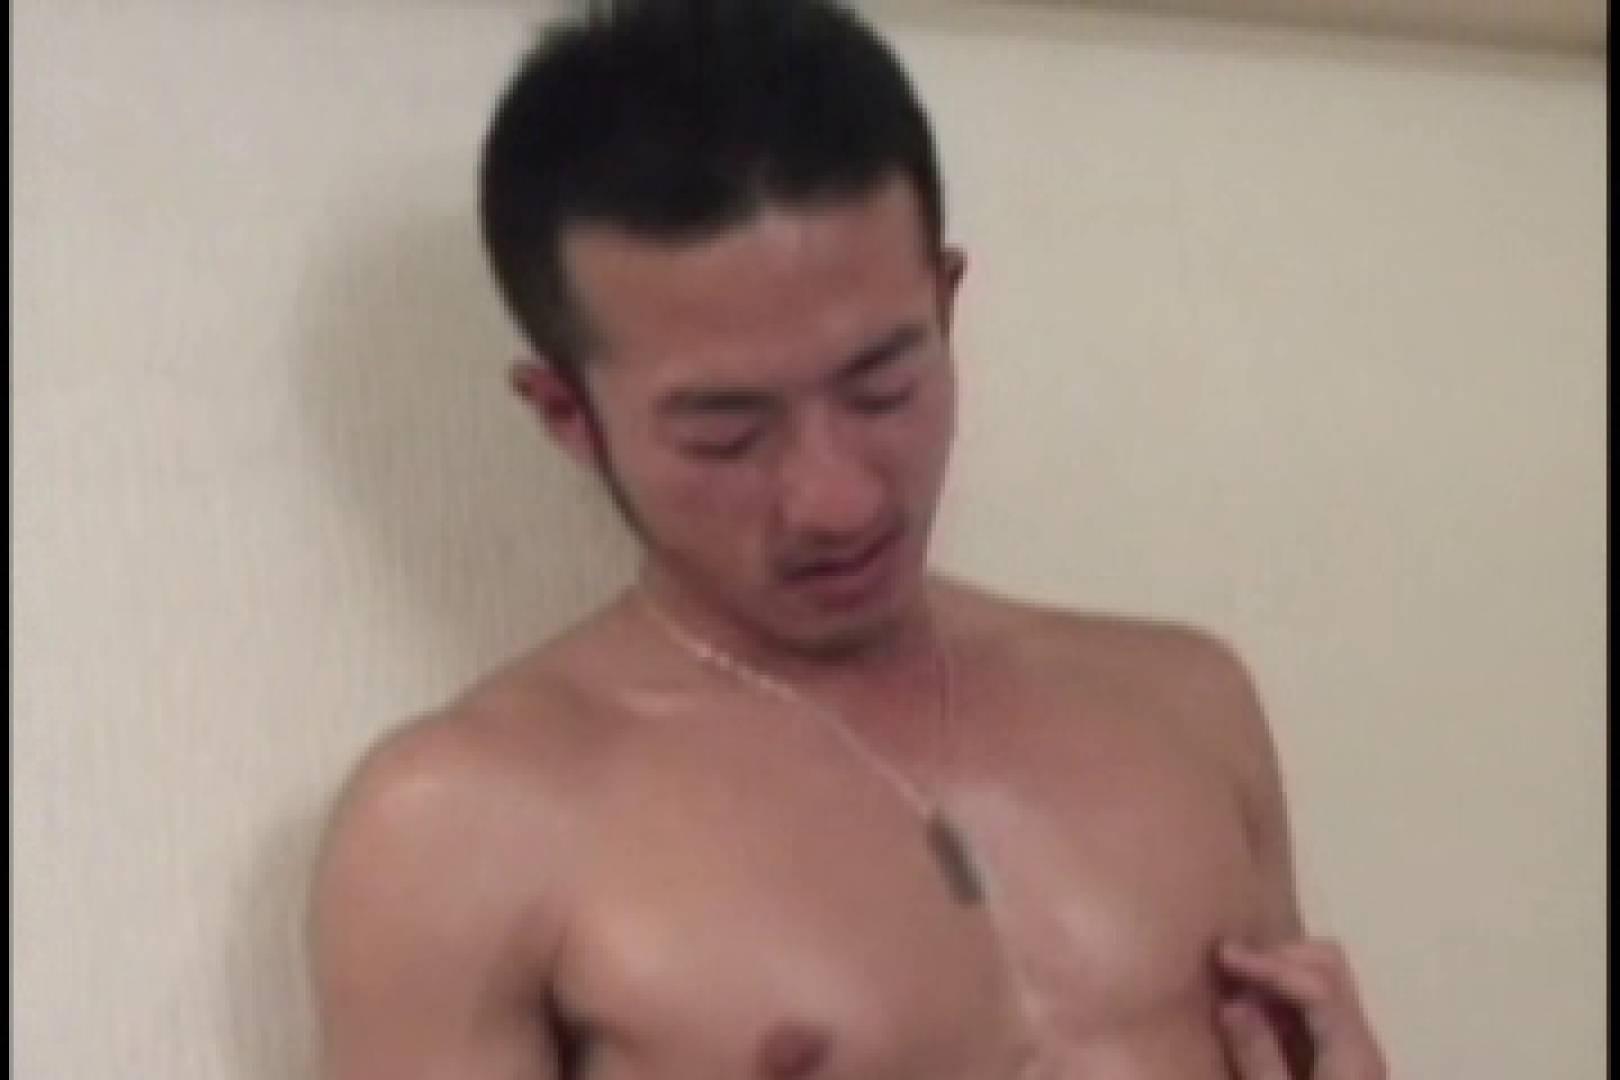 スリ筋!!スポメンのDANKON最高!!take.04 バックシーン ゲイヌード画像 111pic 77